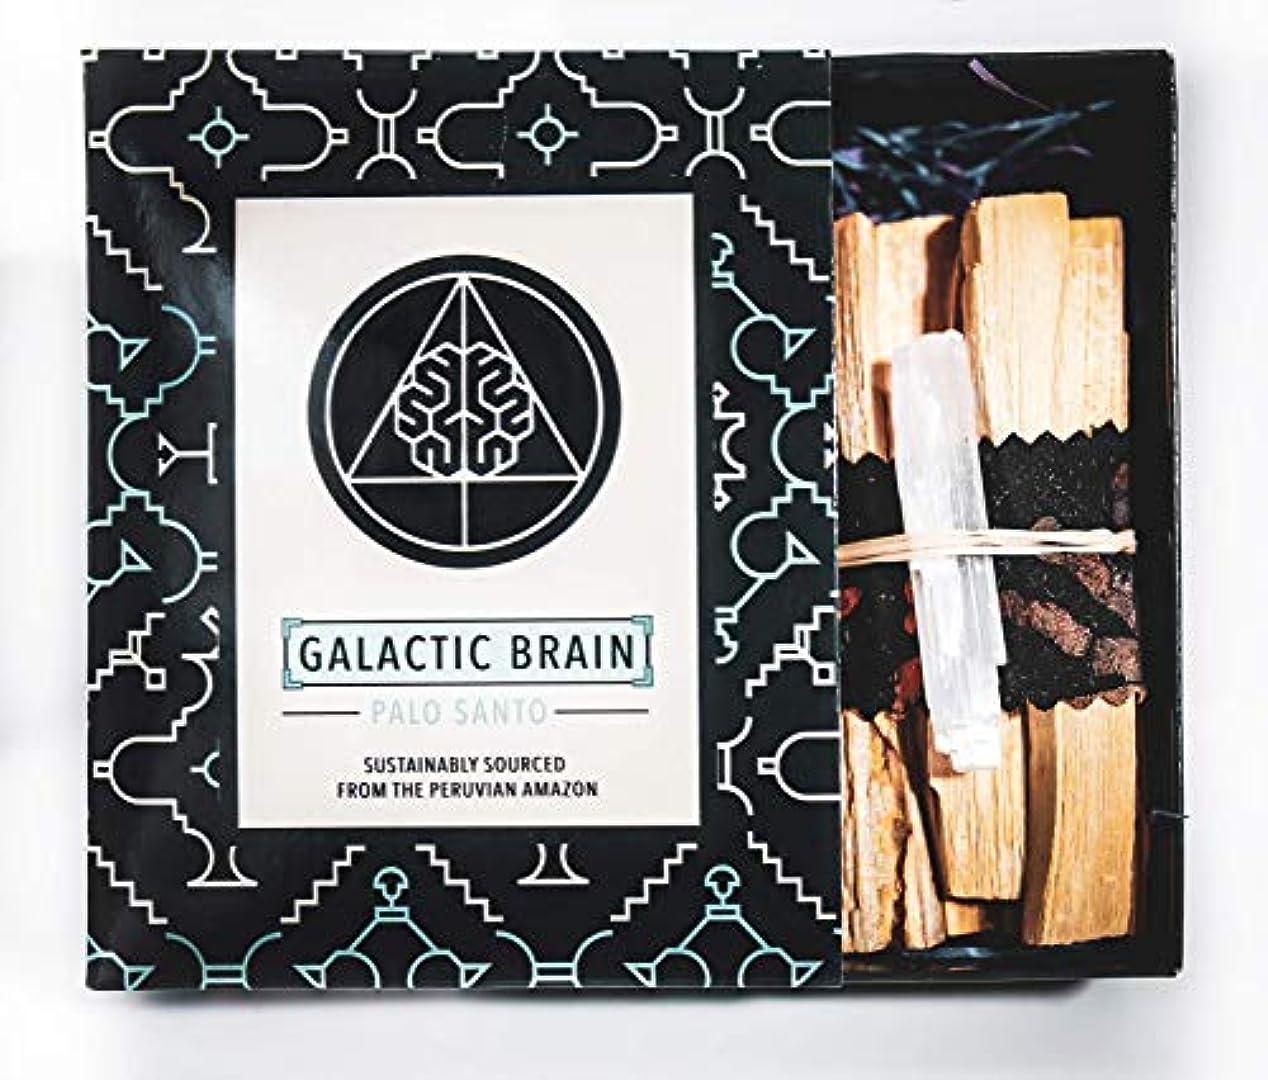 地雷原許可する農業のGalacticBrainパロサントスマッジスティックキット ご自宅をきれいにしましょう。 瞑想/ヨガの練習を強化。 自然とつながります。 振動を上げましょう。 ギフトセット入りスマッジスティック 12本 (90g) 4インチ